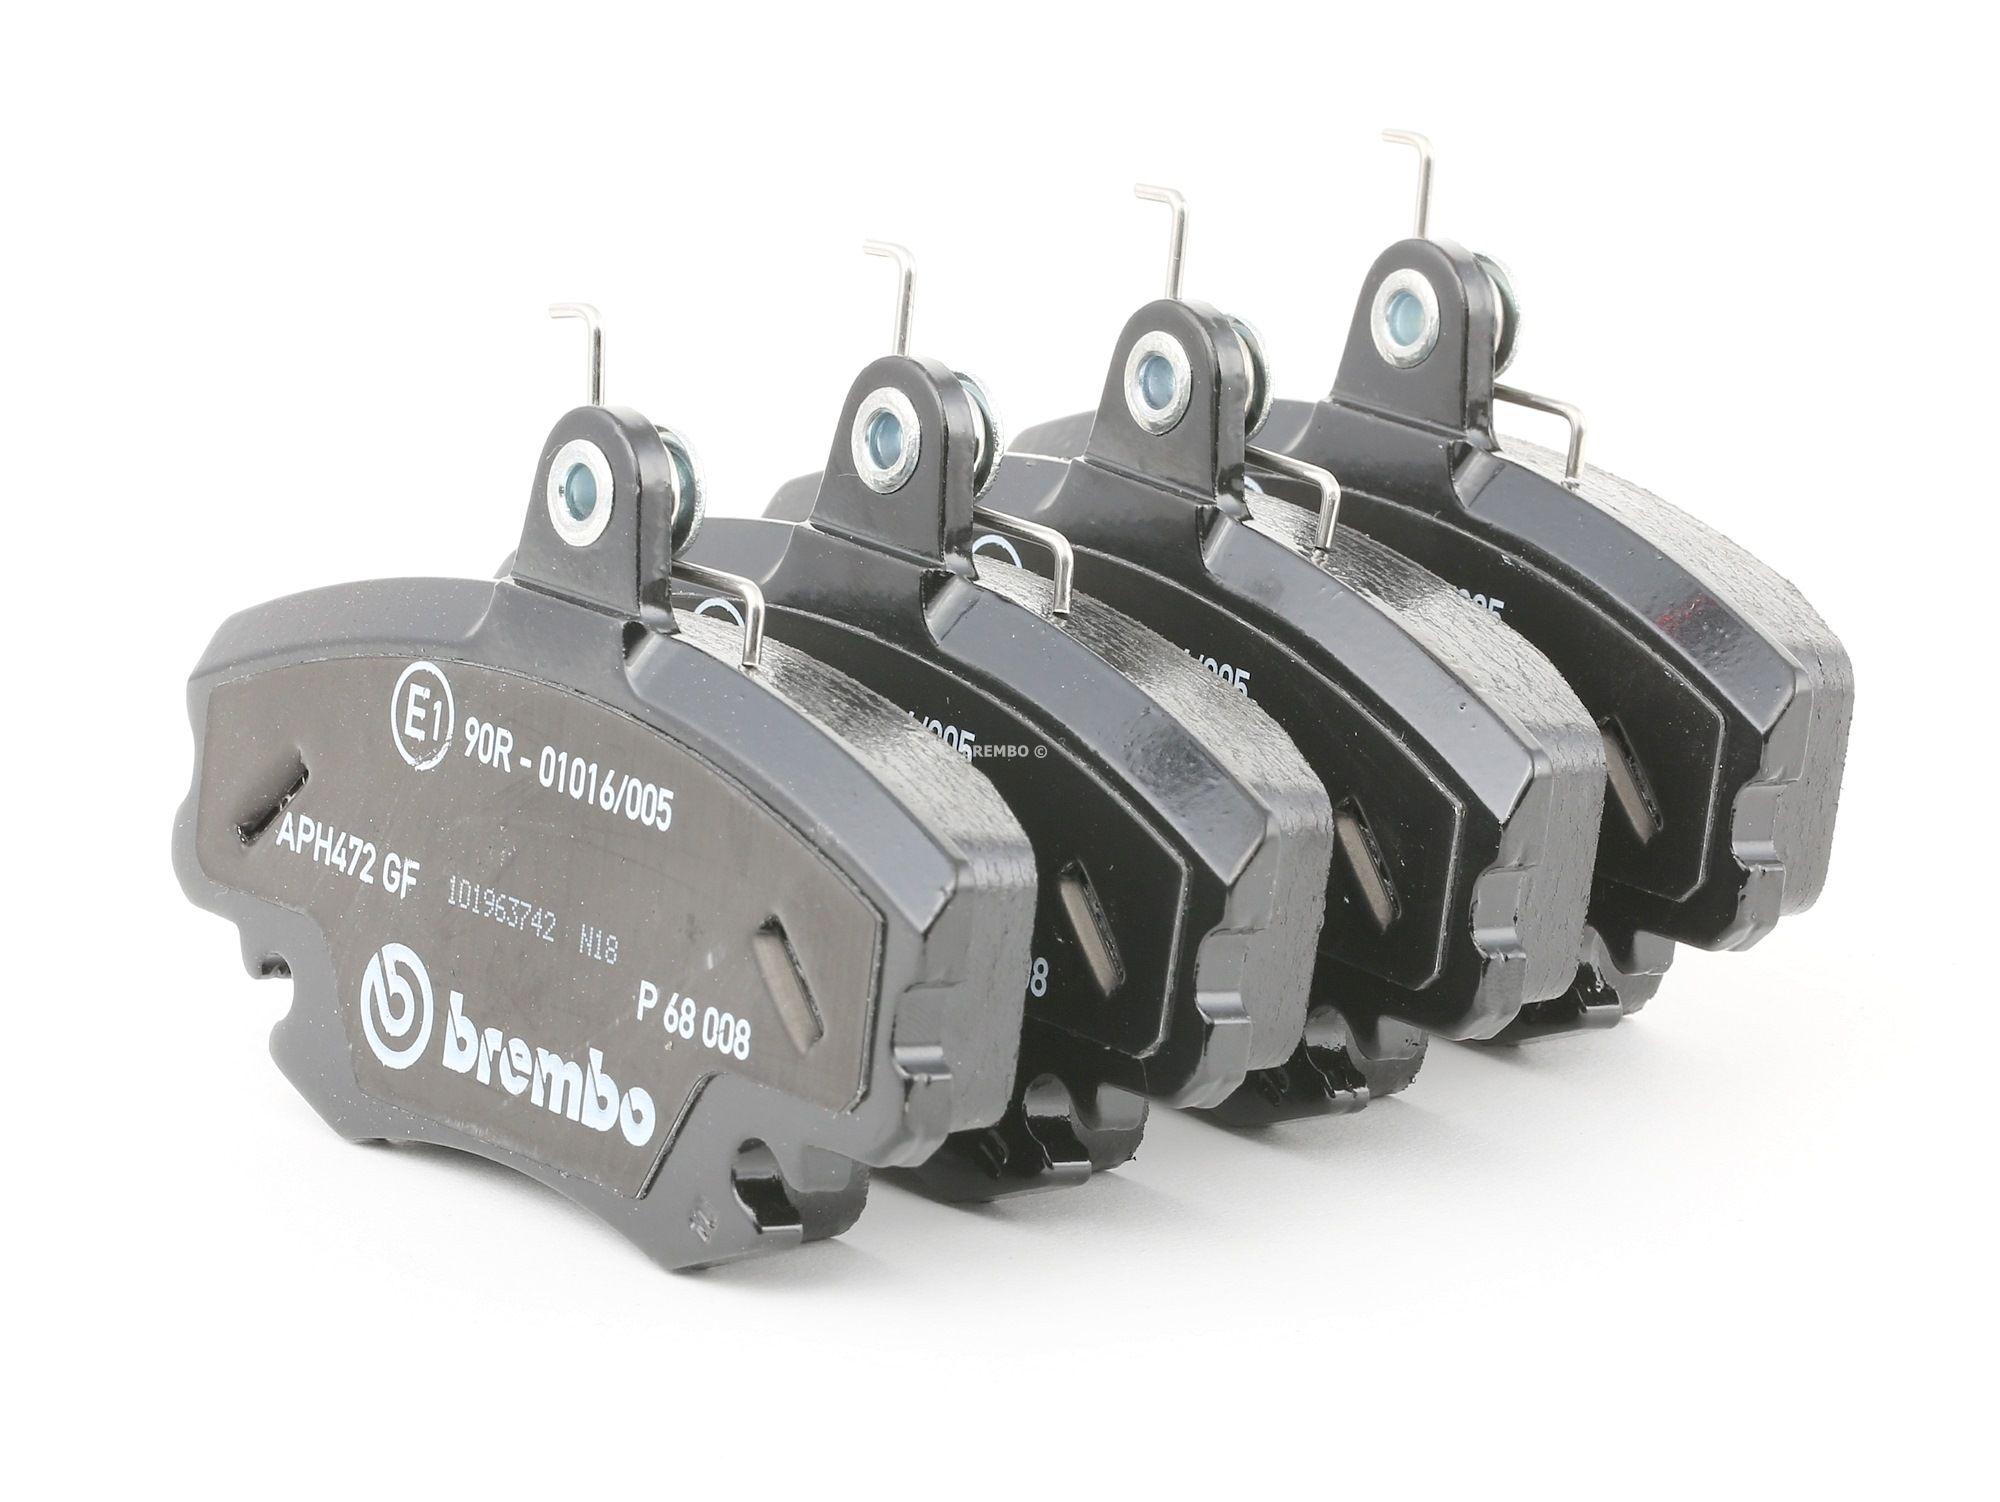 Buy original Brake pads BREMBO P 68 008